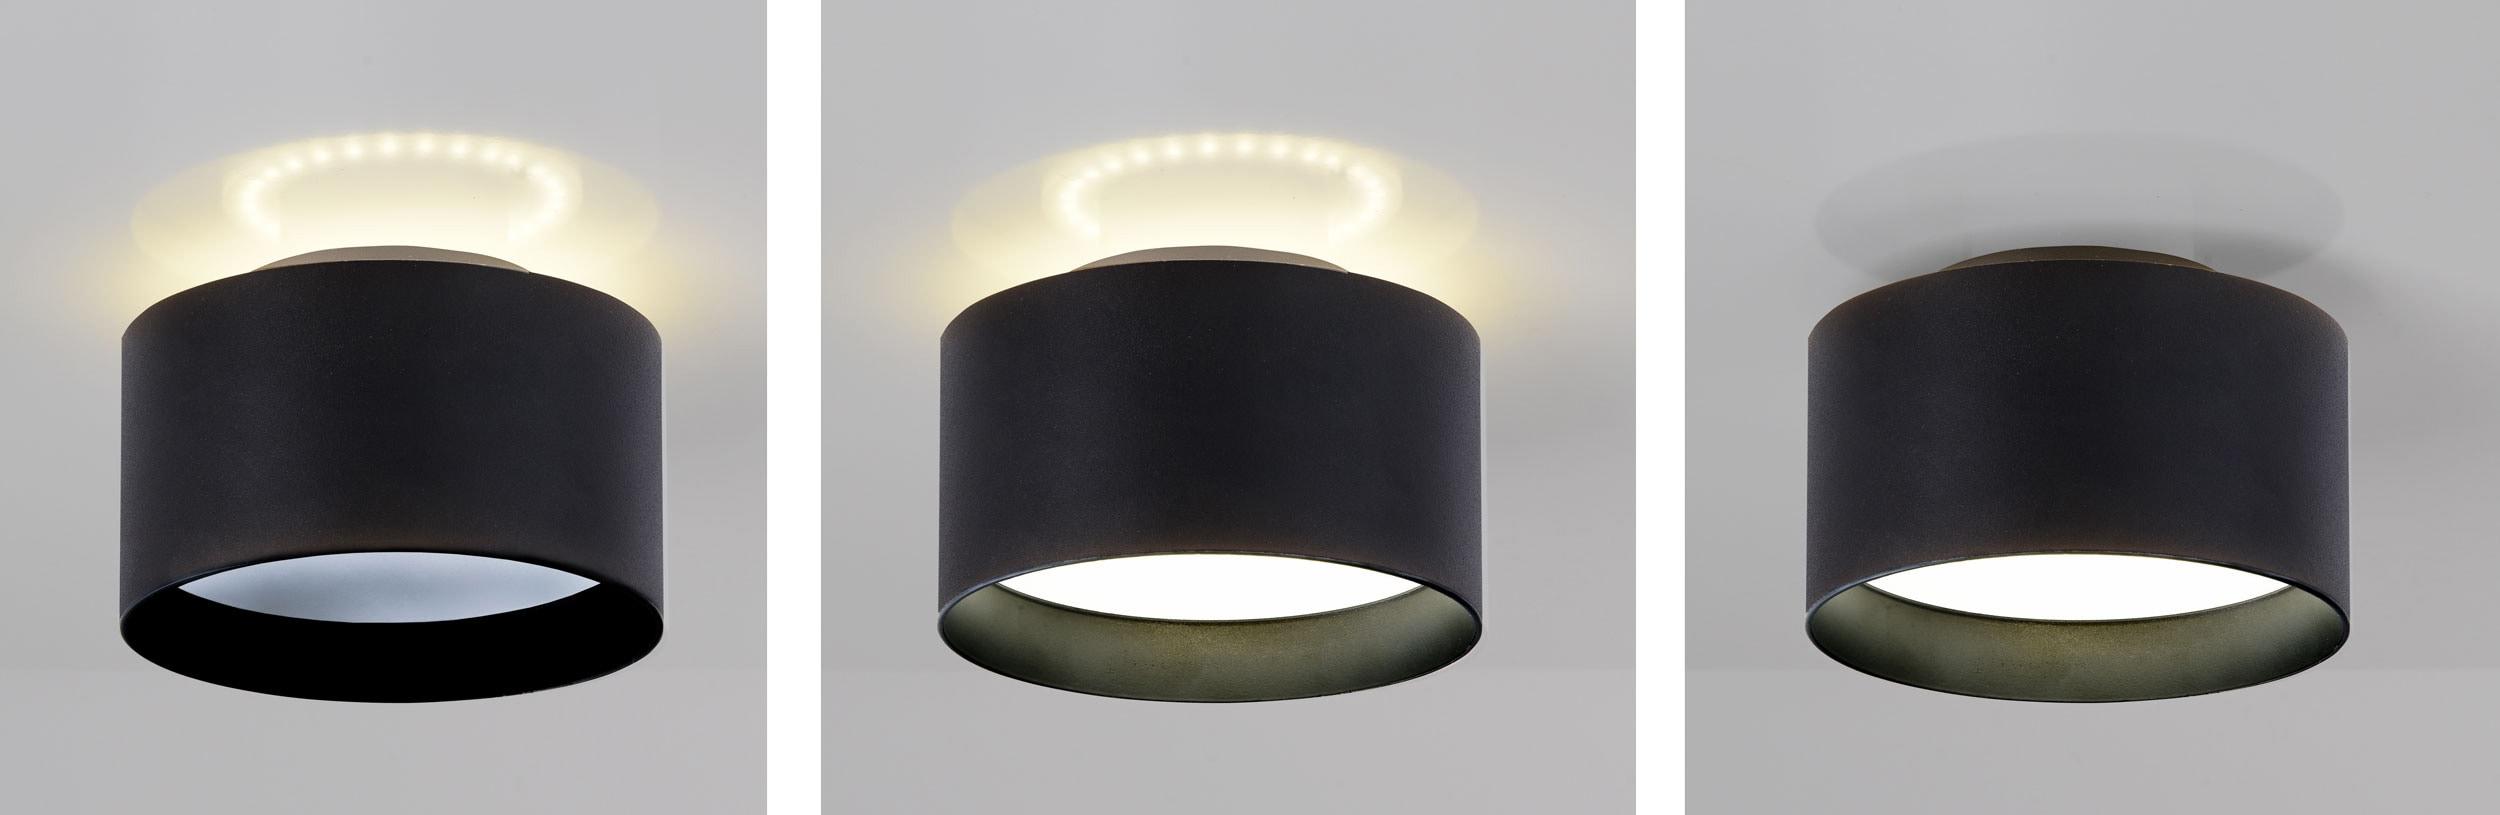 näve LED Deckenspot Trios, LED-Board, 1 St., Warmweiß-Neutralweiß, 1 Deckenspot, 3 Strahler Einstellungen möglich